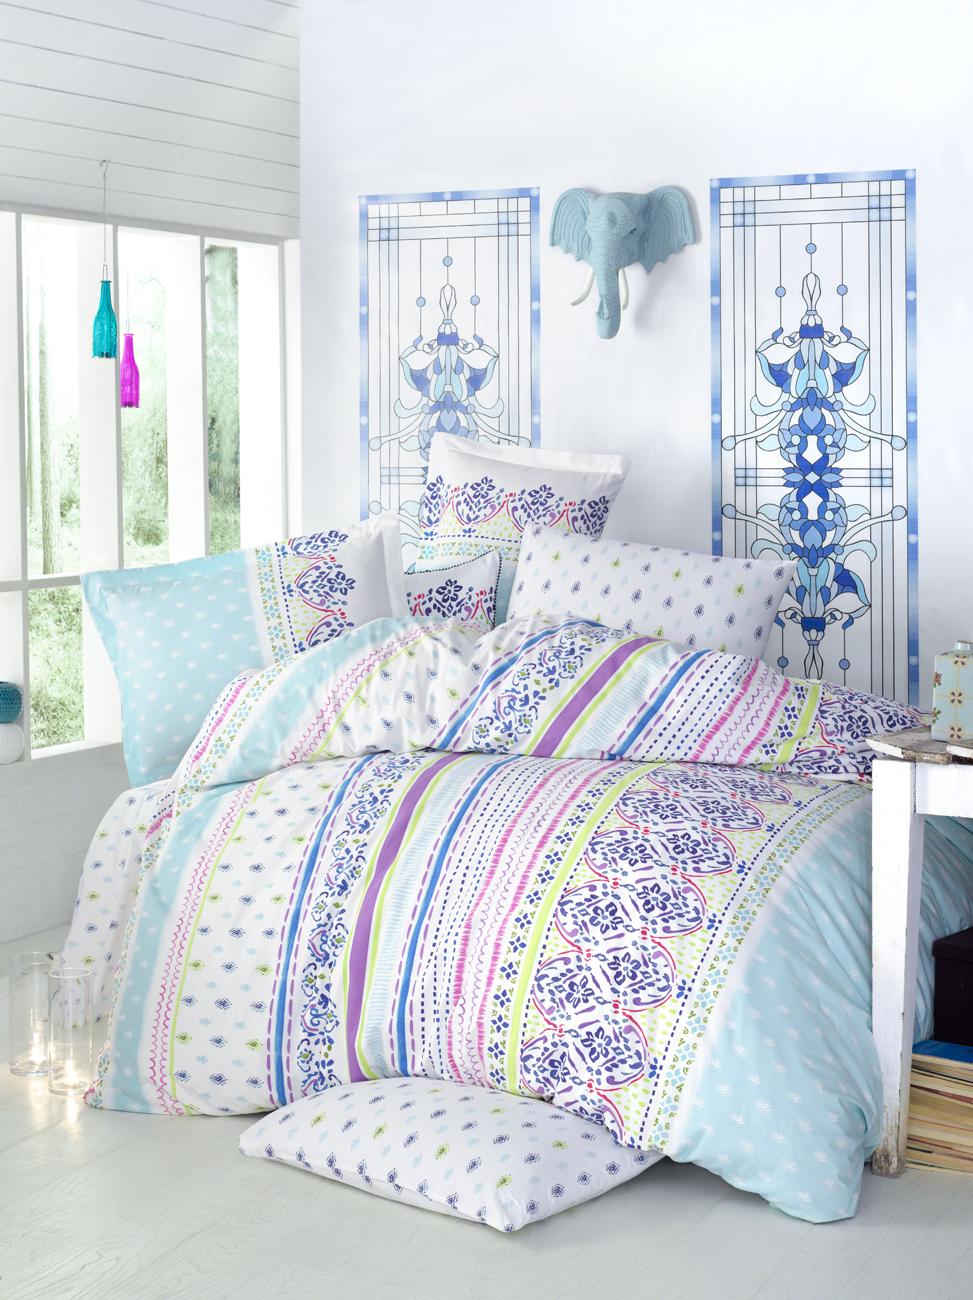 Комплект белья Clasy Route, семейный, наволочки 50х70, цвет: белый, голубой, фиолетовый391602Комплект постельного белья Clasy Route изготовлен в Турции из высококачественного ранфорса на одной из ведущих фабрик.Выбирая постельное белье Clasy Route вы будете приятно удивлены качественной выделкой ткани, красивыми и модными расцветками, а так же его отличным качеством. Все наволочки у комплектов Clasy Route имеют клапан без пуговиц и молнии. Все пододеяльники с пуговицами.